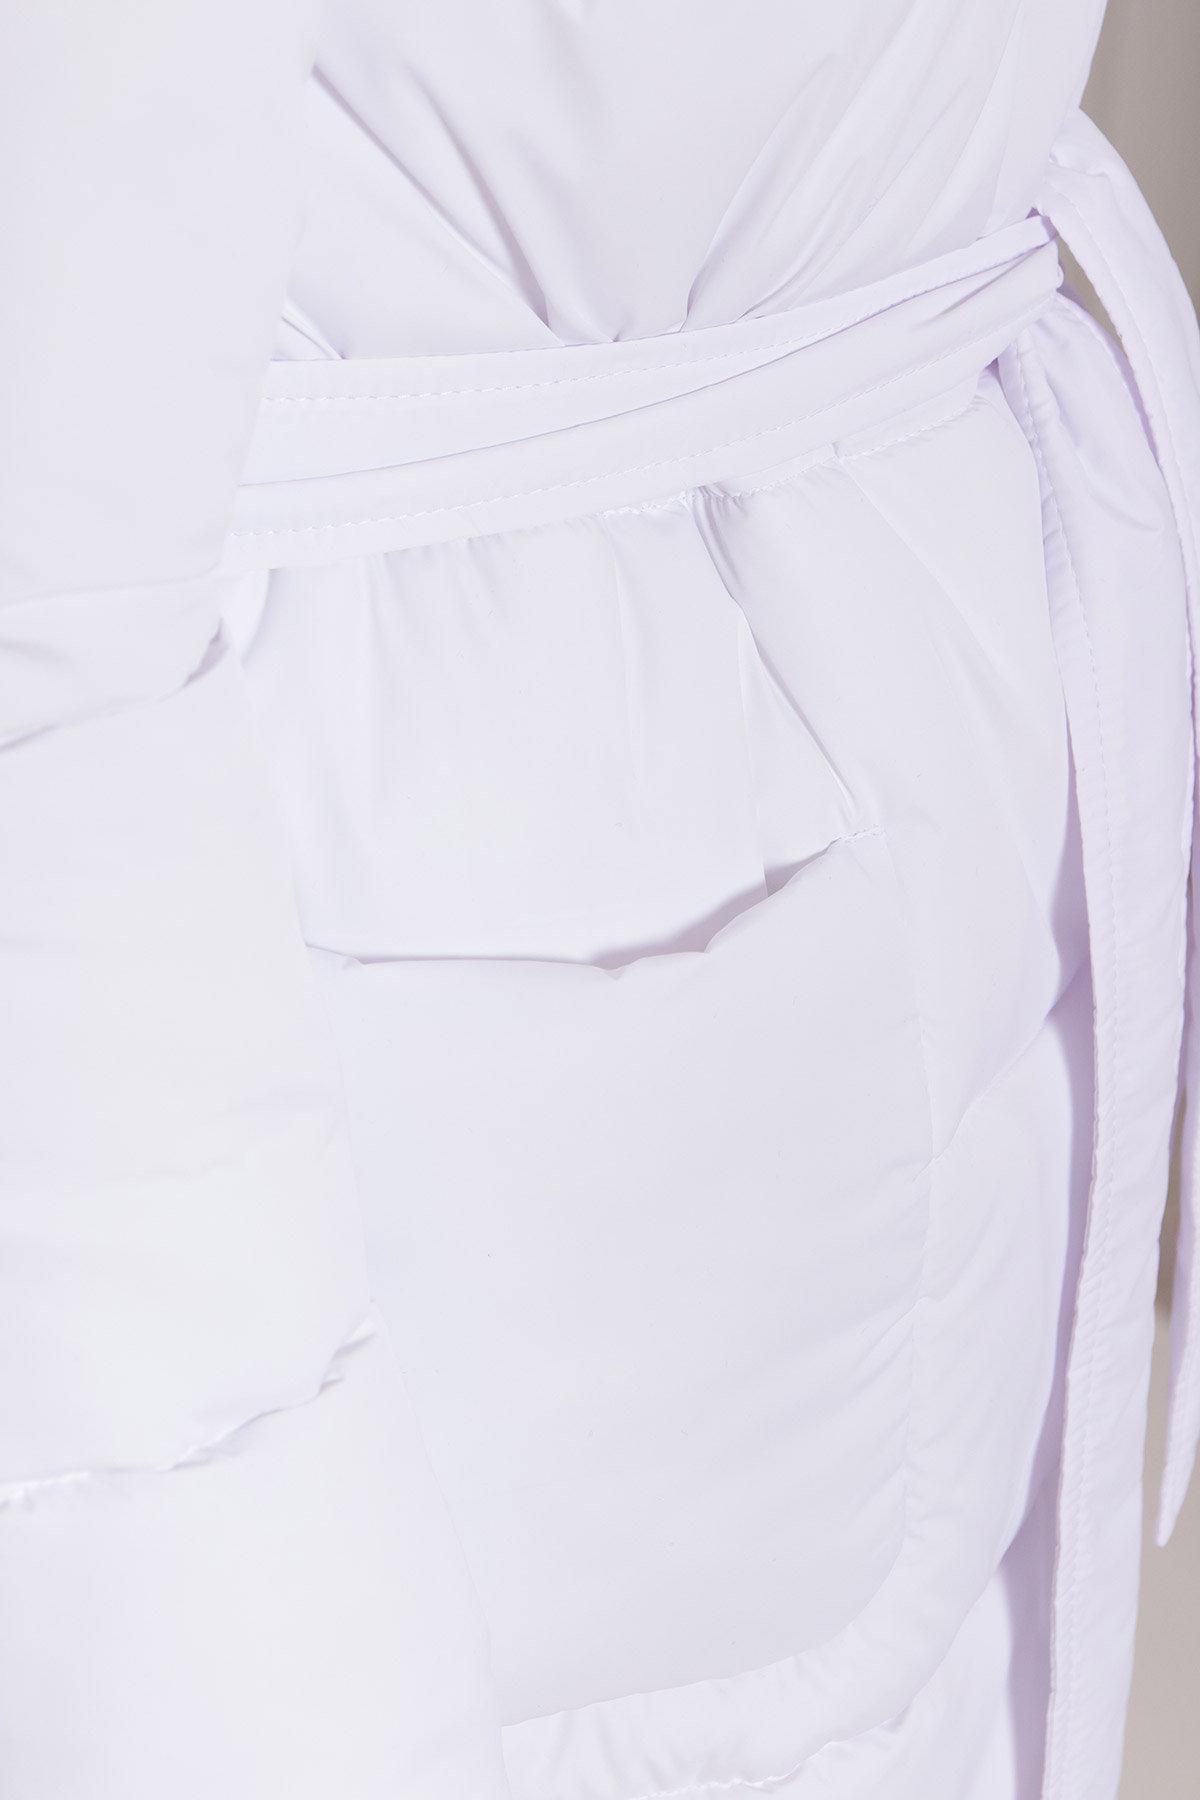 Удлиненный пуховик с накладными карманами Бланка 8622 АРТ. 44960 Цвет: Белый - фото 6, интернет магазин tm-modus.ru